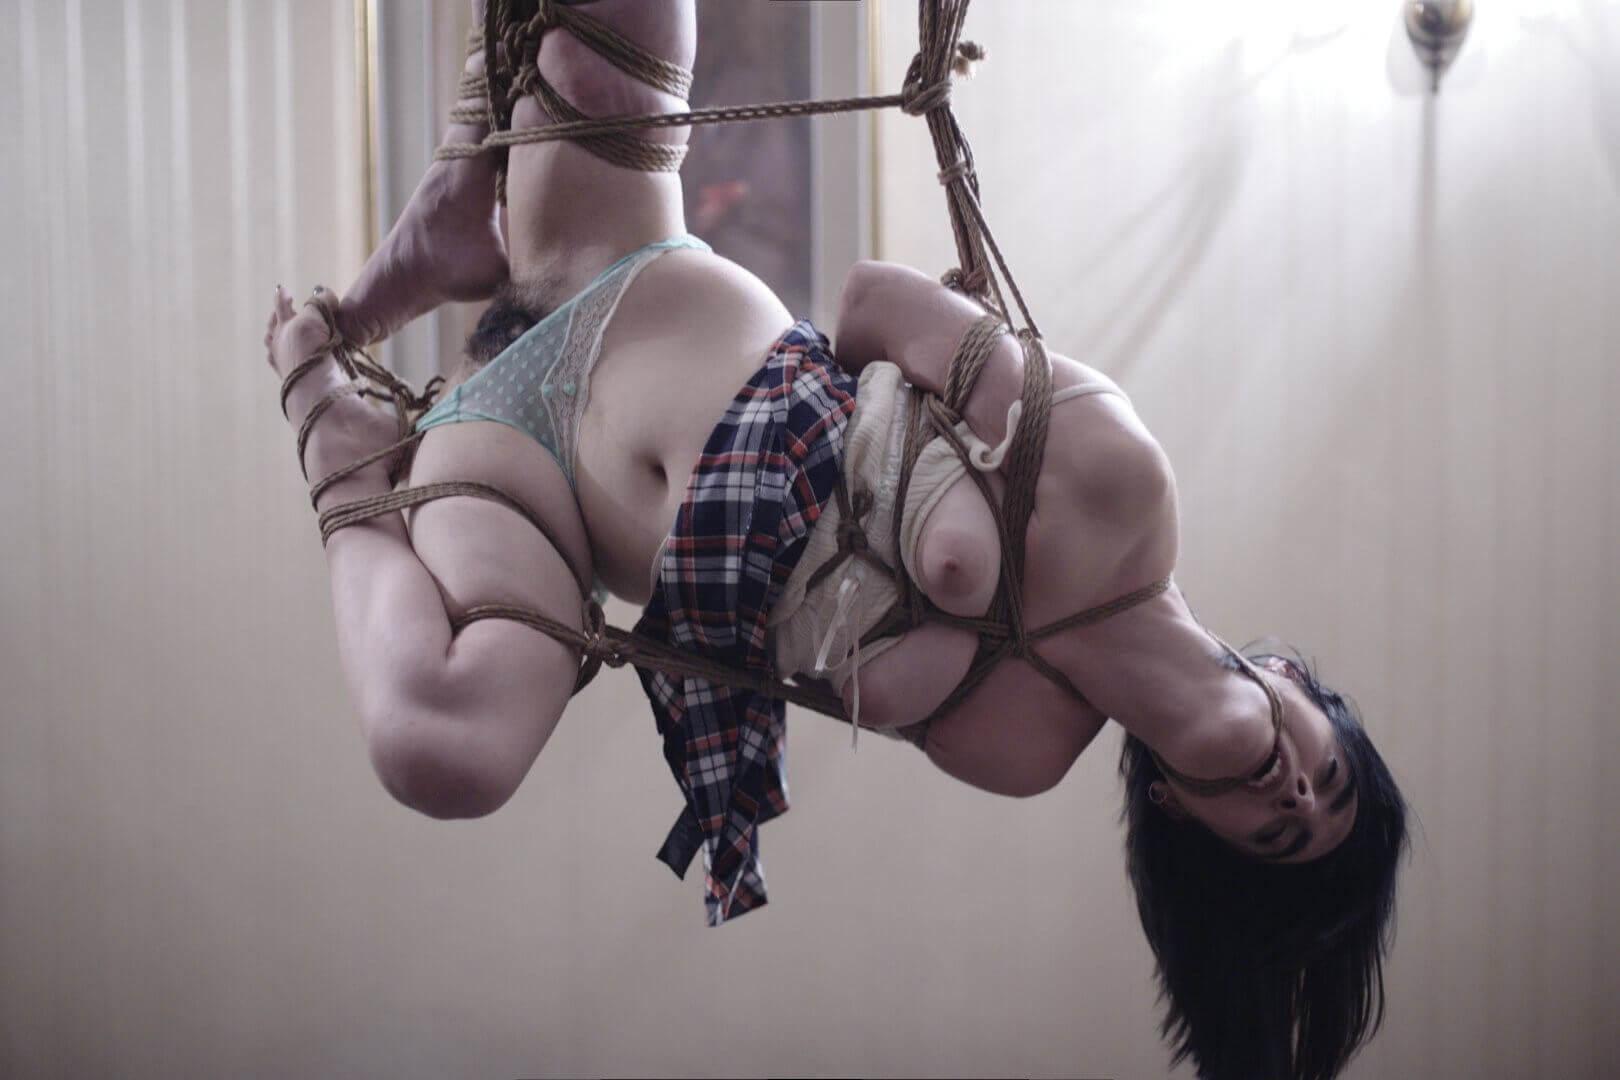 Shibari kinbaku bondage